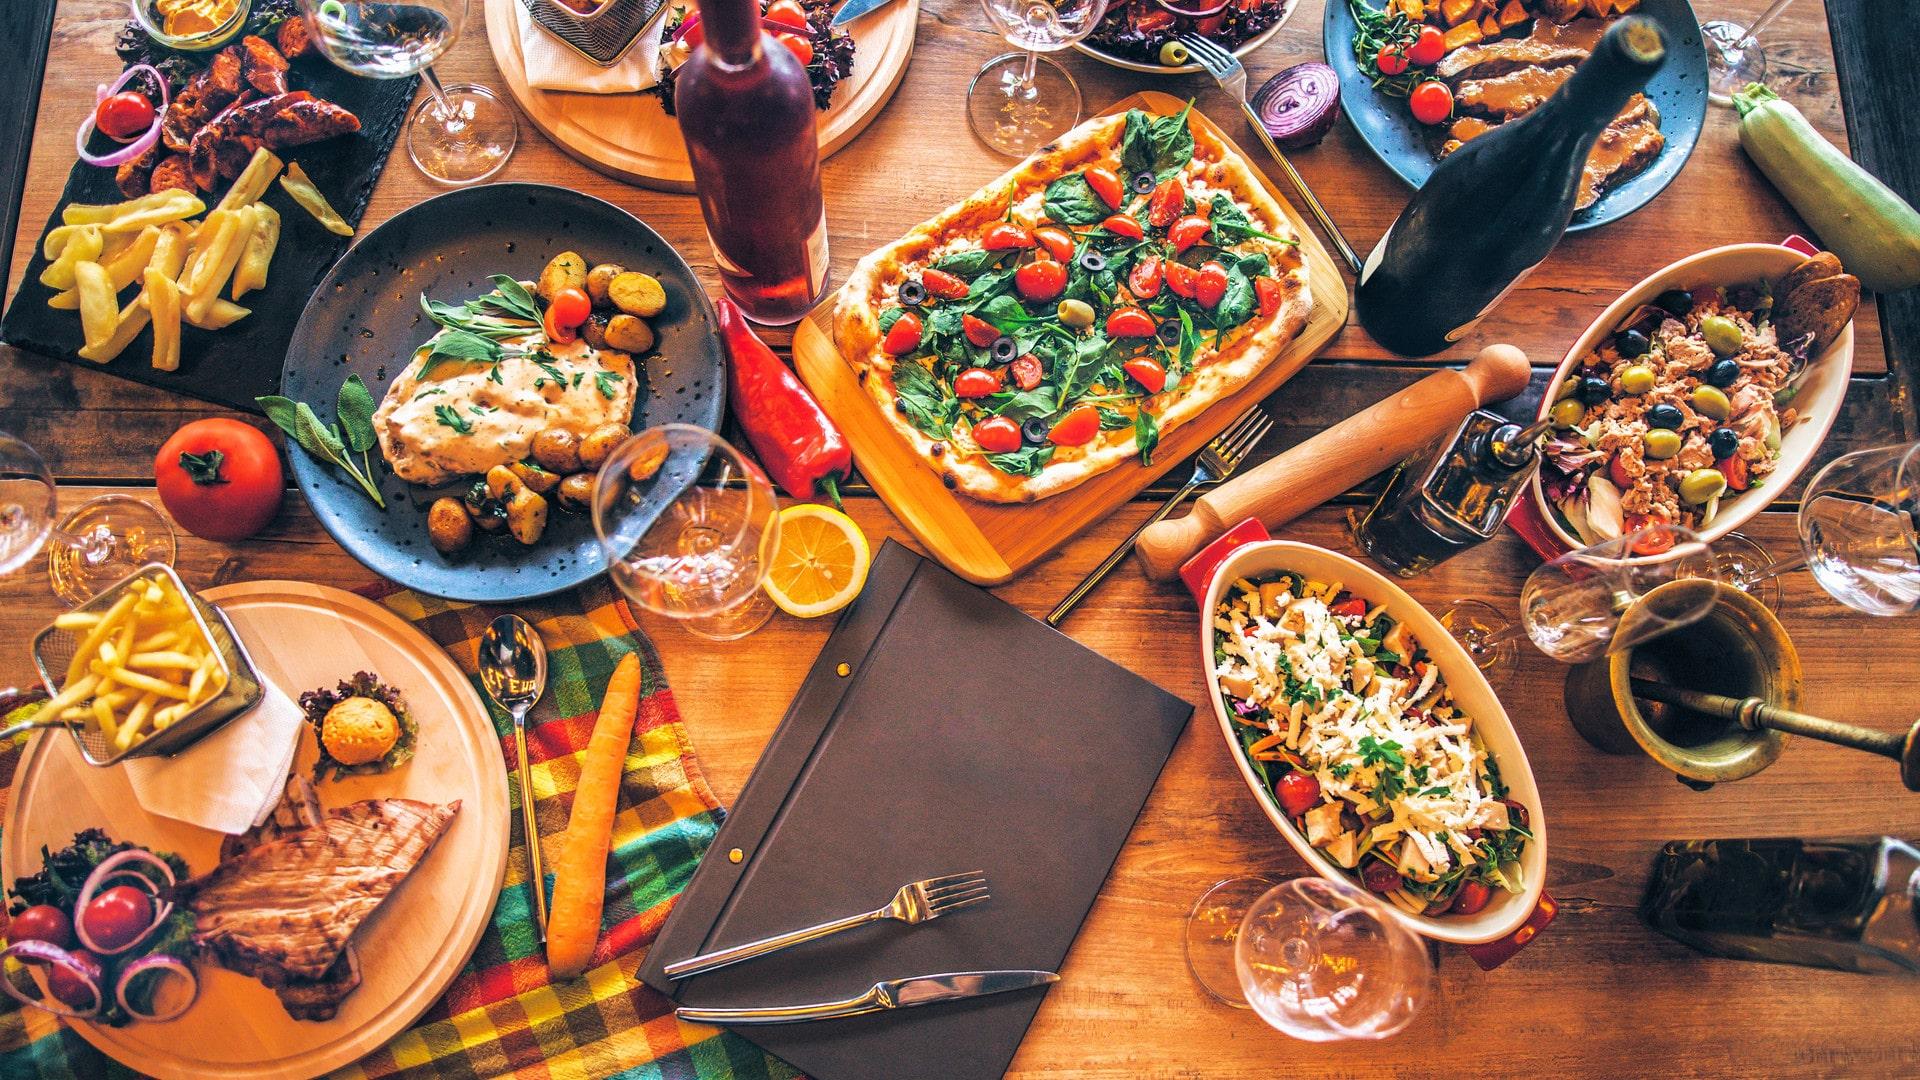 出張ケータリング屋台イタリアンバーベキュー鉄板焼き料理プラン #2